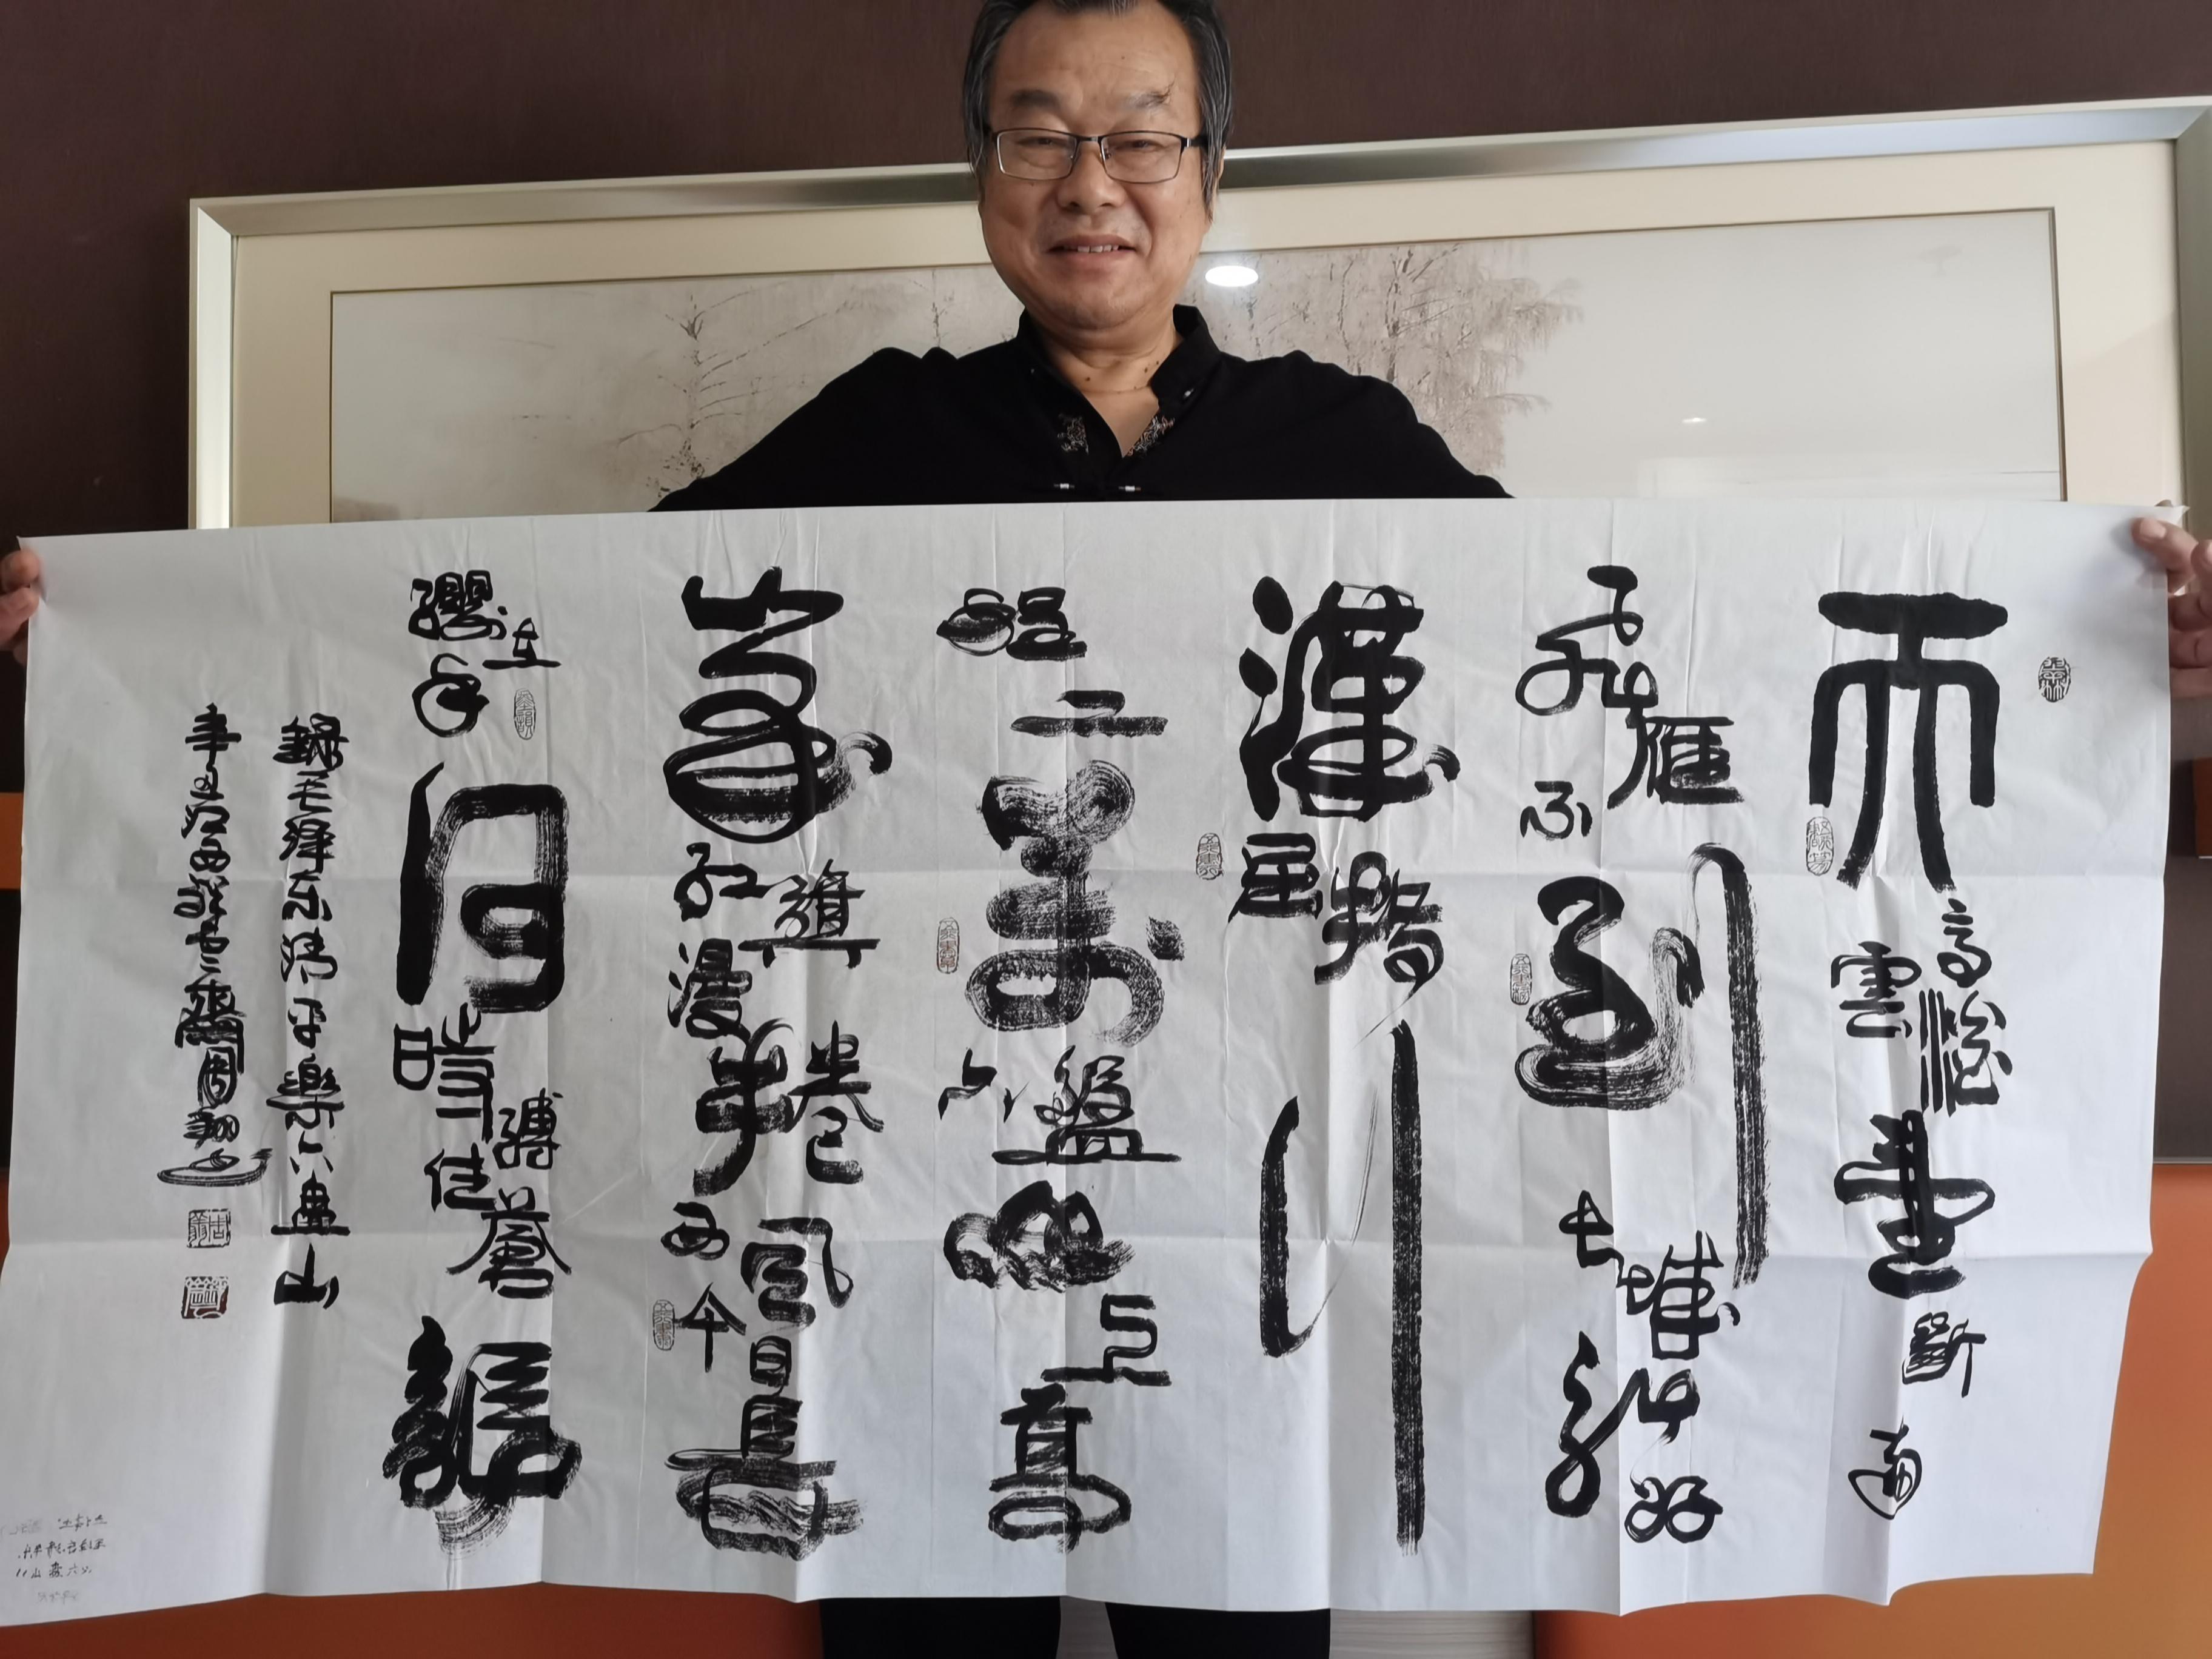 翰墨飘香颂党恩 深情缅怀毛泽东一一艺术家纪念毛主席逝世45周年